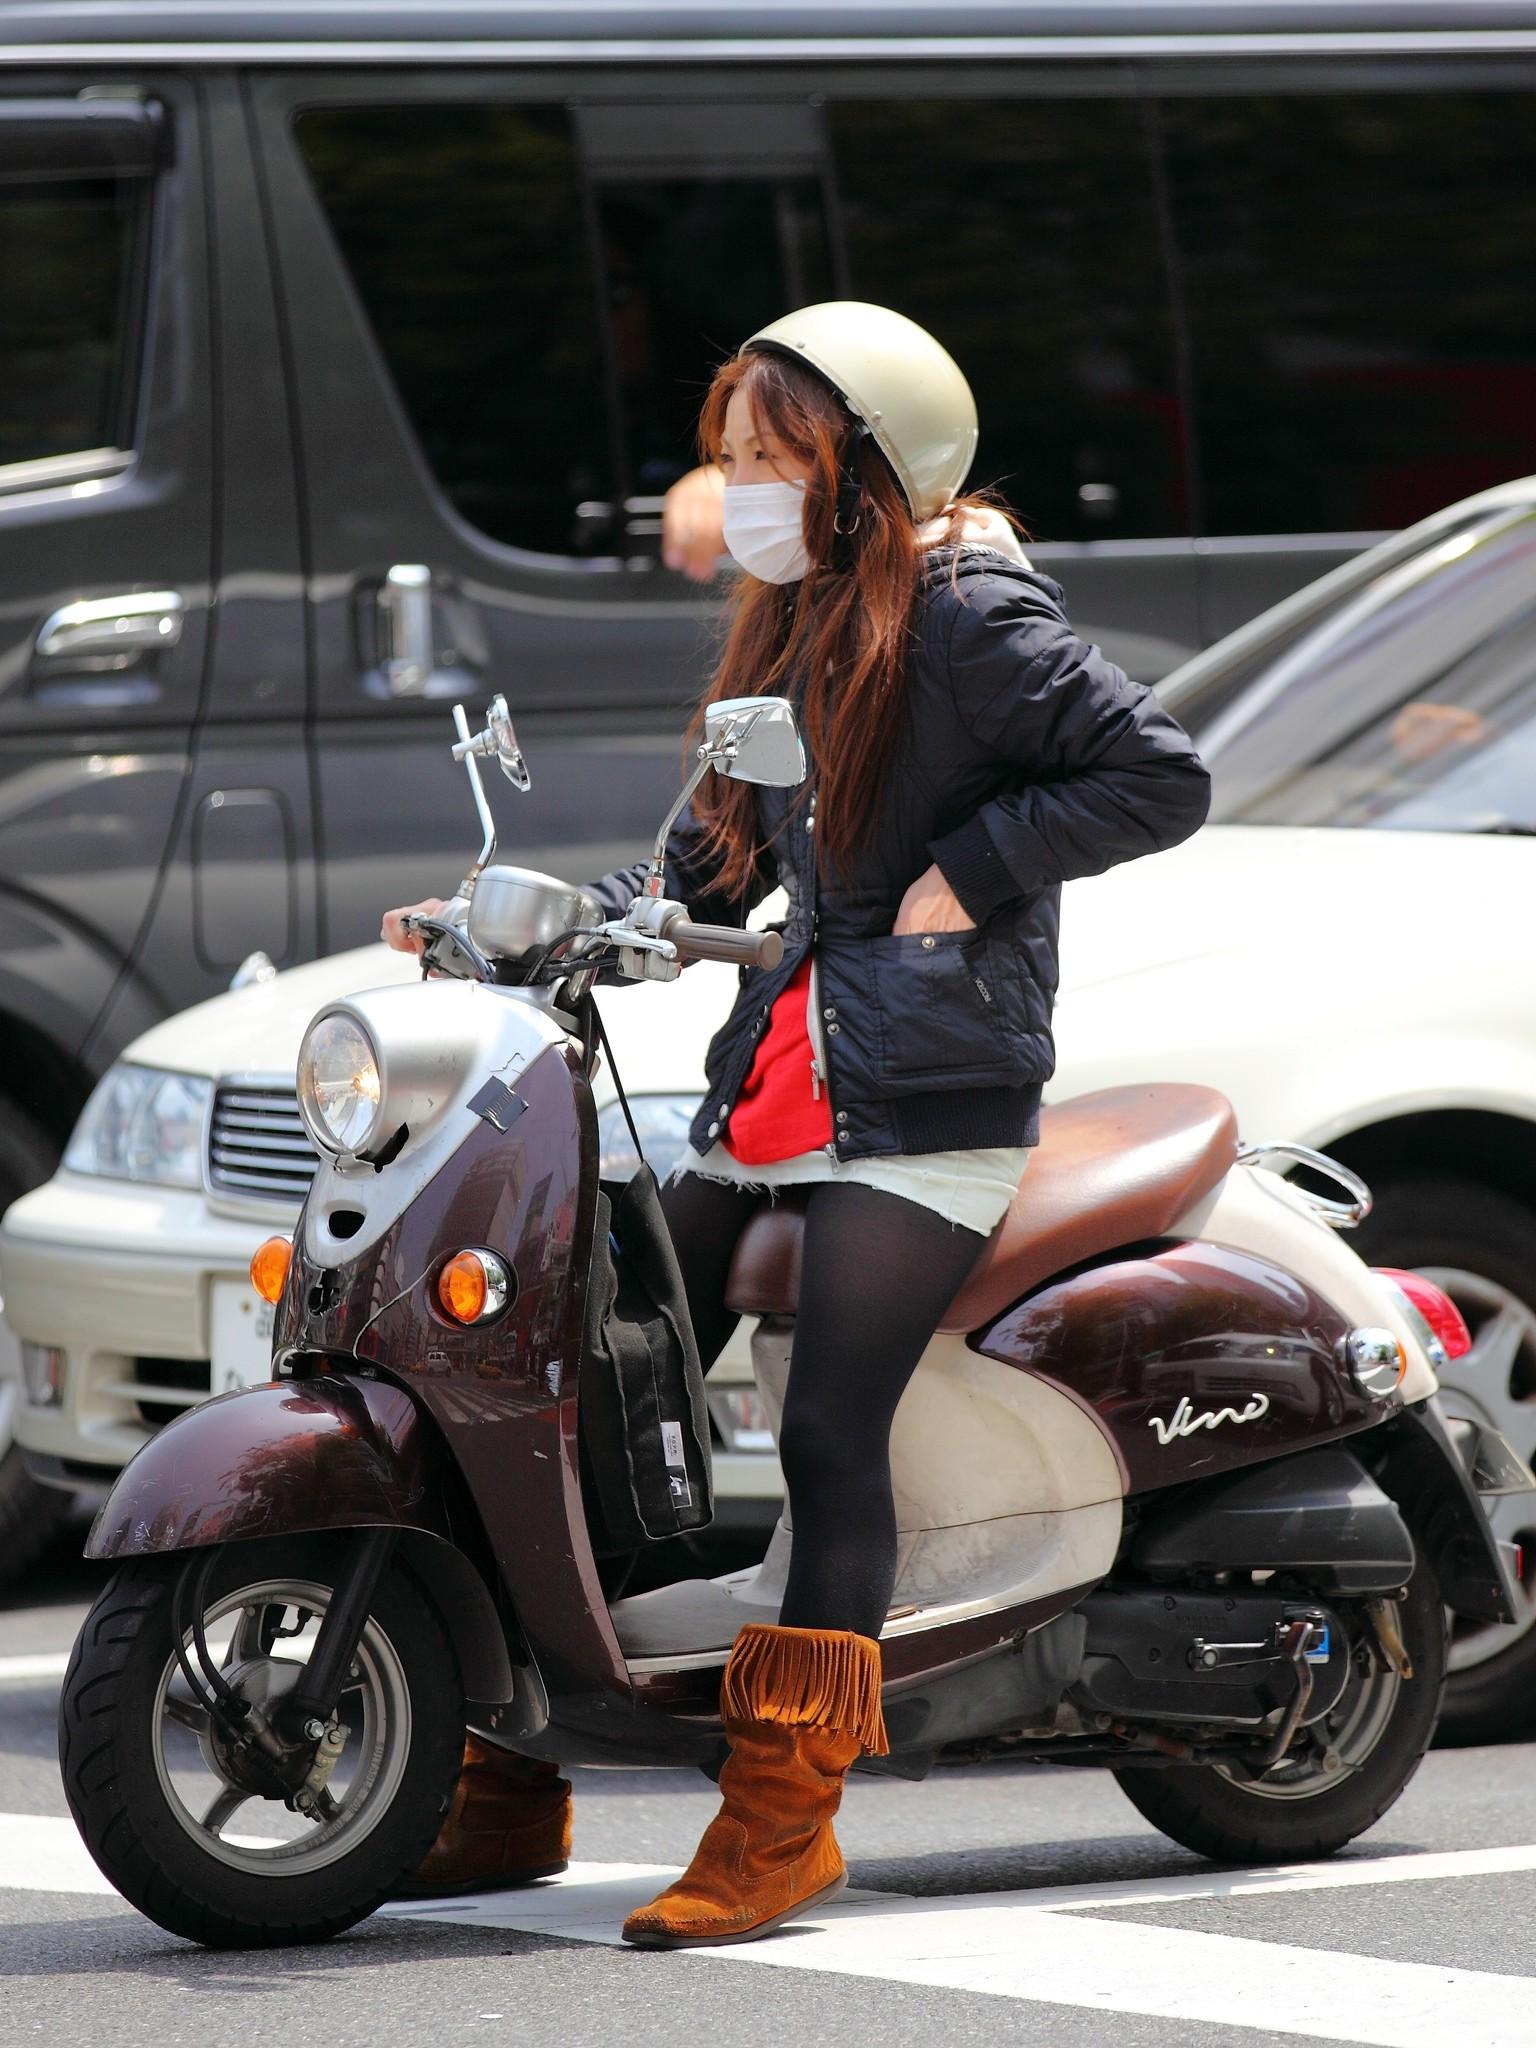 【フェチ画像】代わりに跨ってくれwwwバイクに乗ったお姉さんのムチムチ下半身に視線釘付け 09